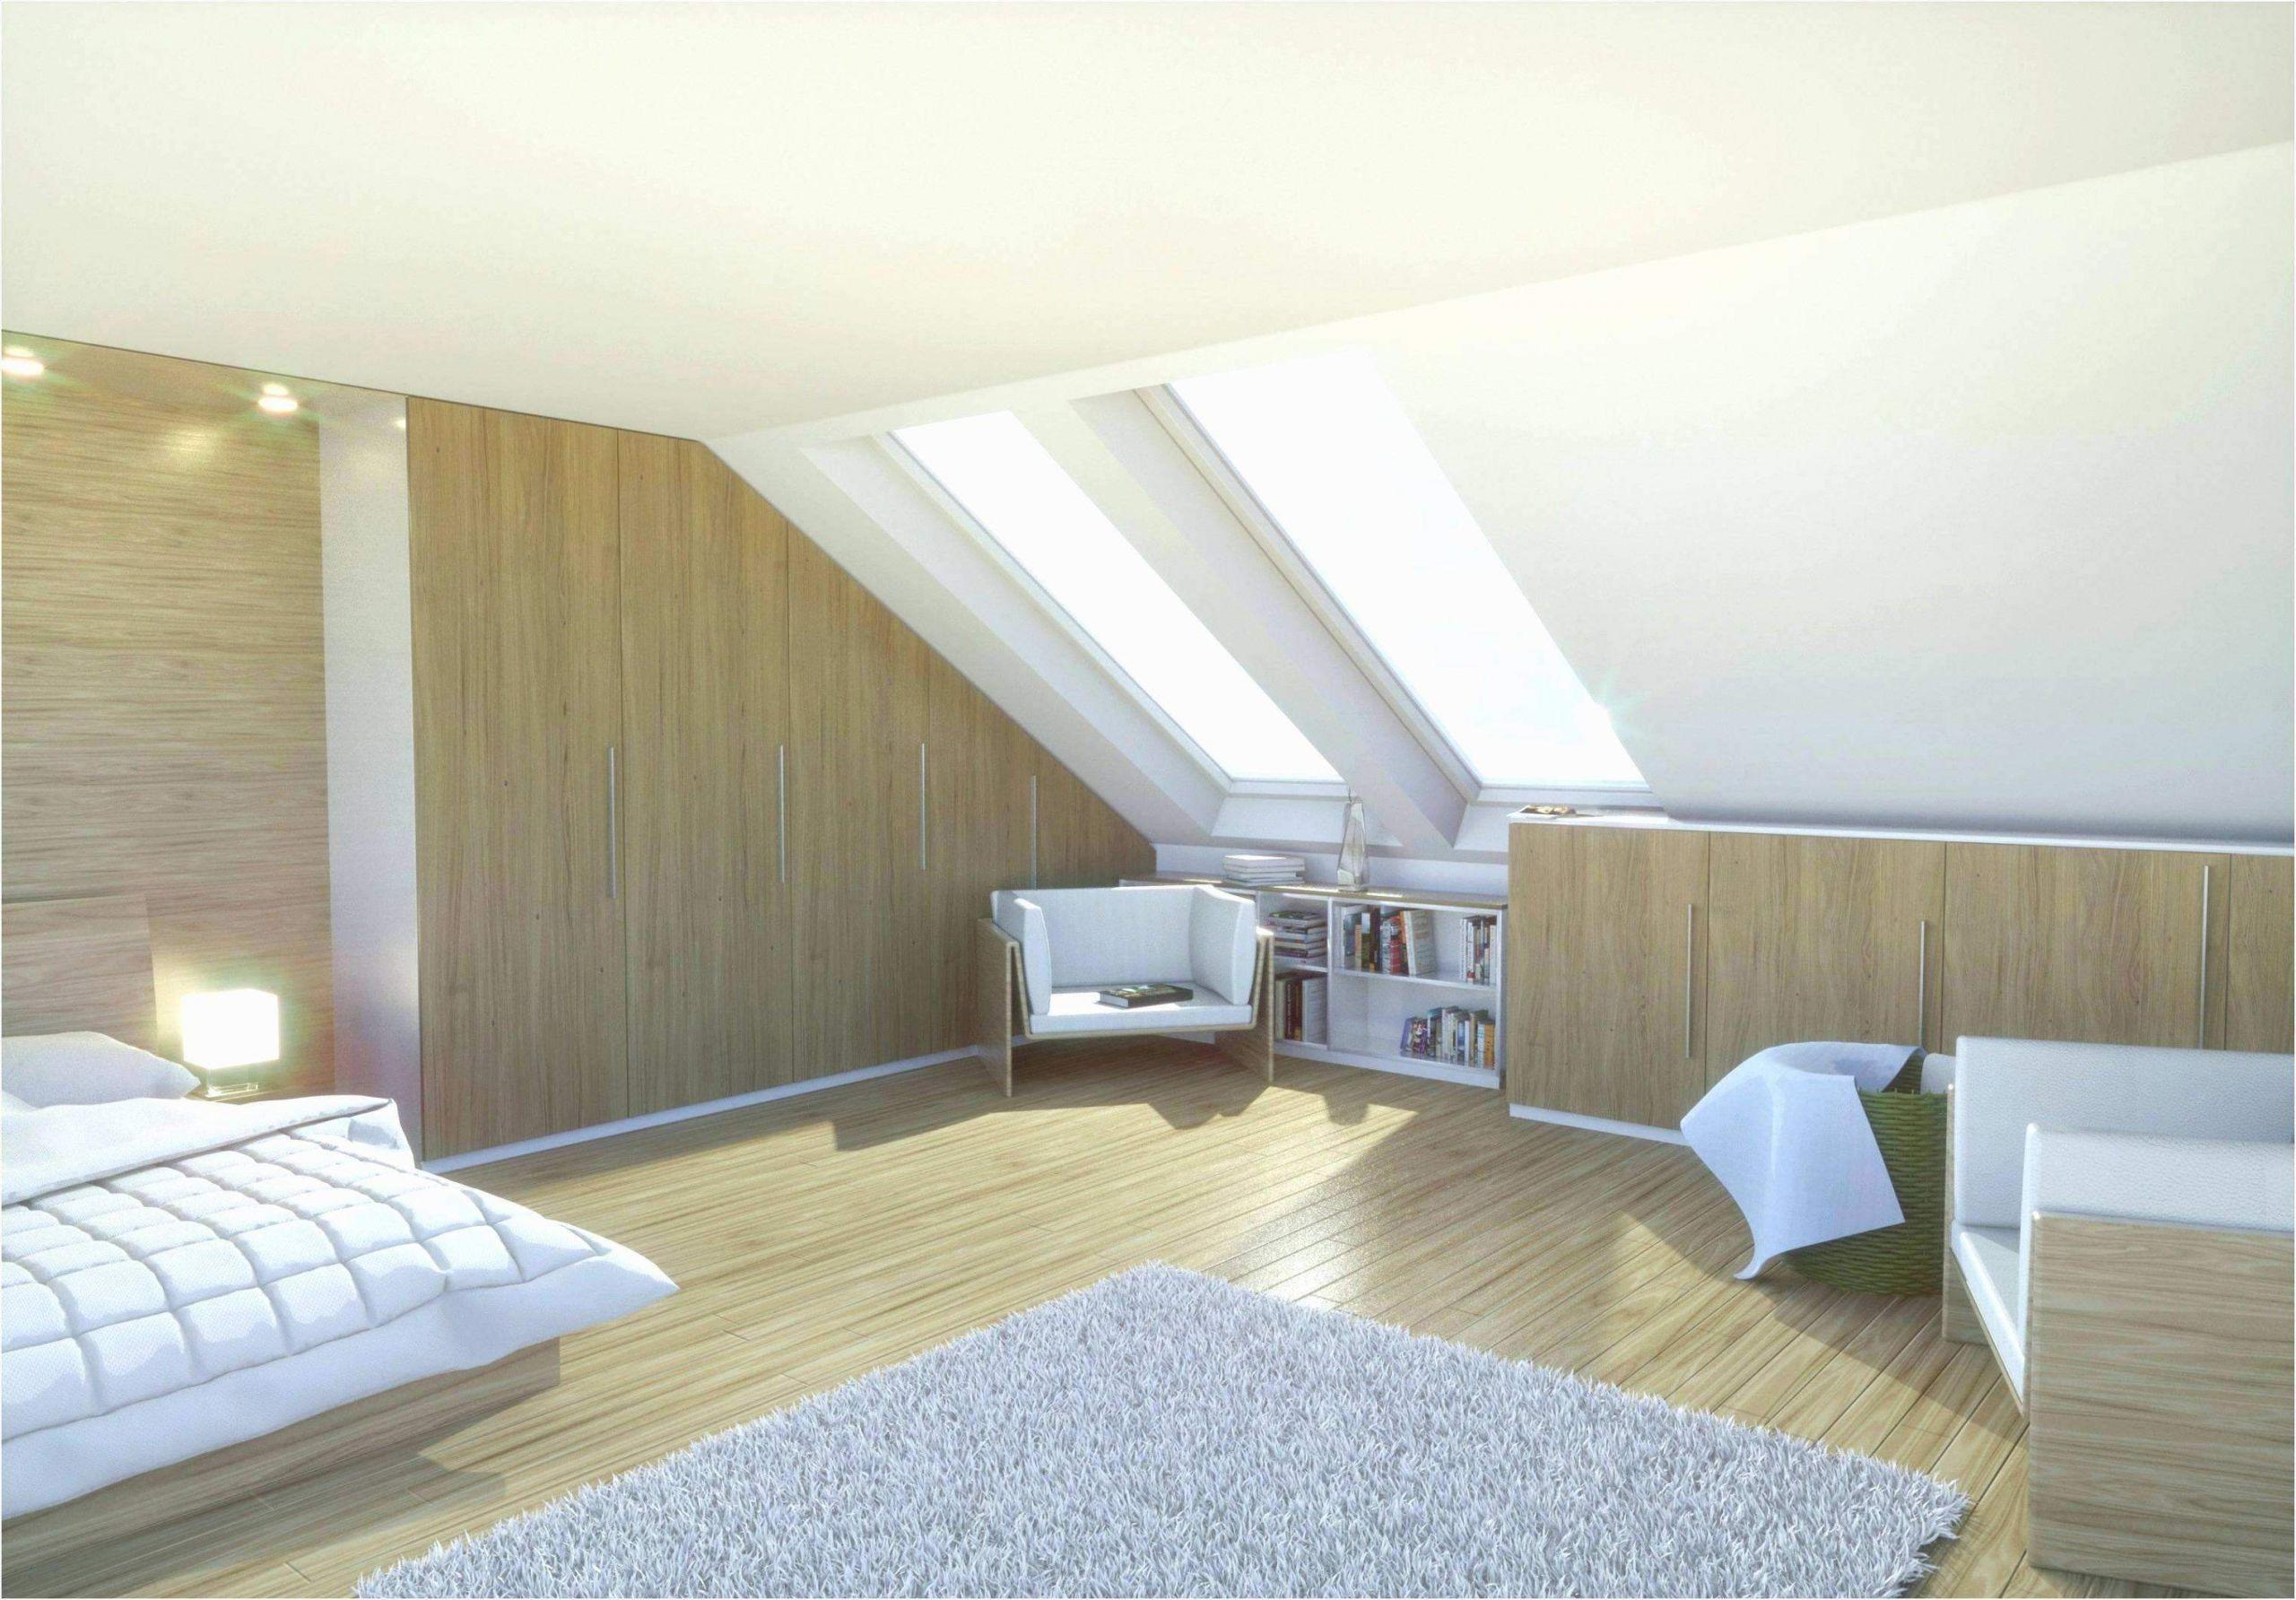 kleine wohnung ideen elegant tolle deko ideen diy wunderbar regal schlafzimmer 0d of kleine wohnung ideen